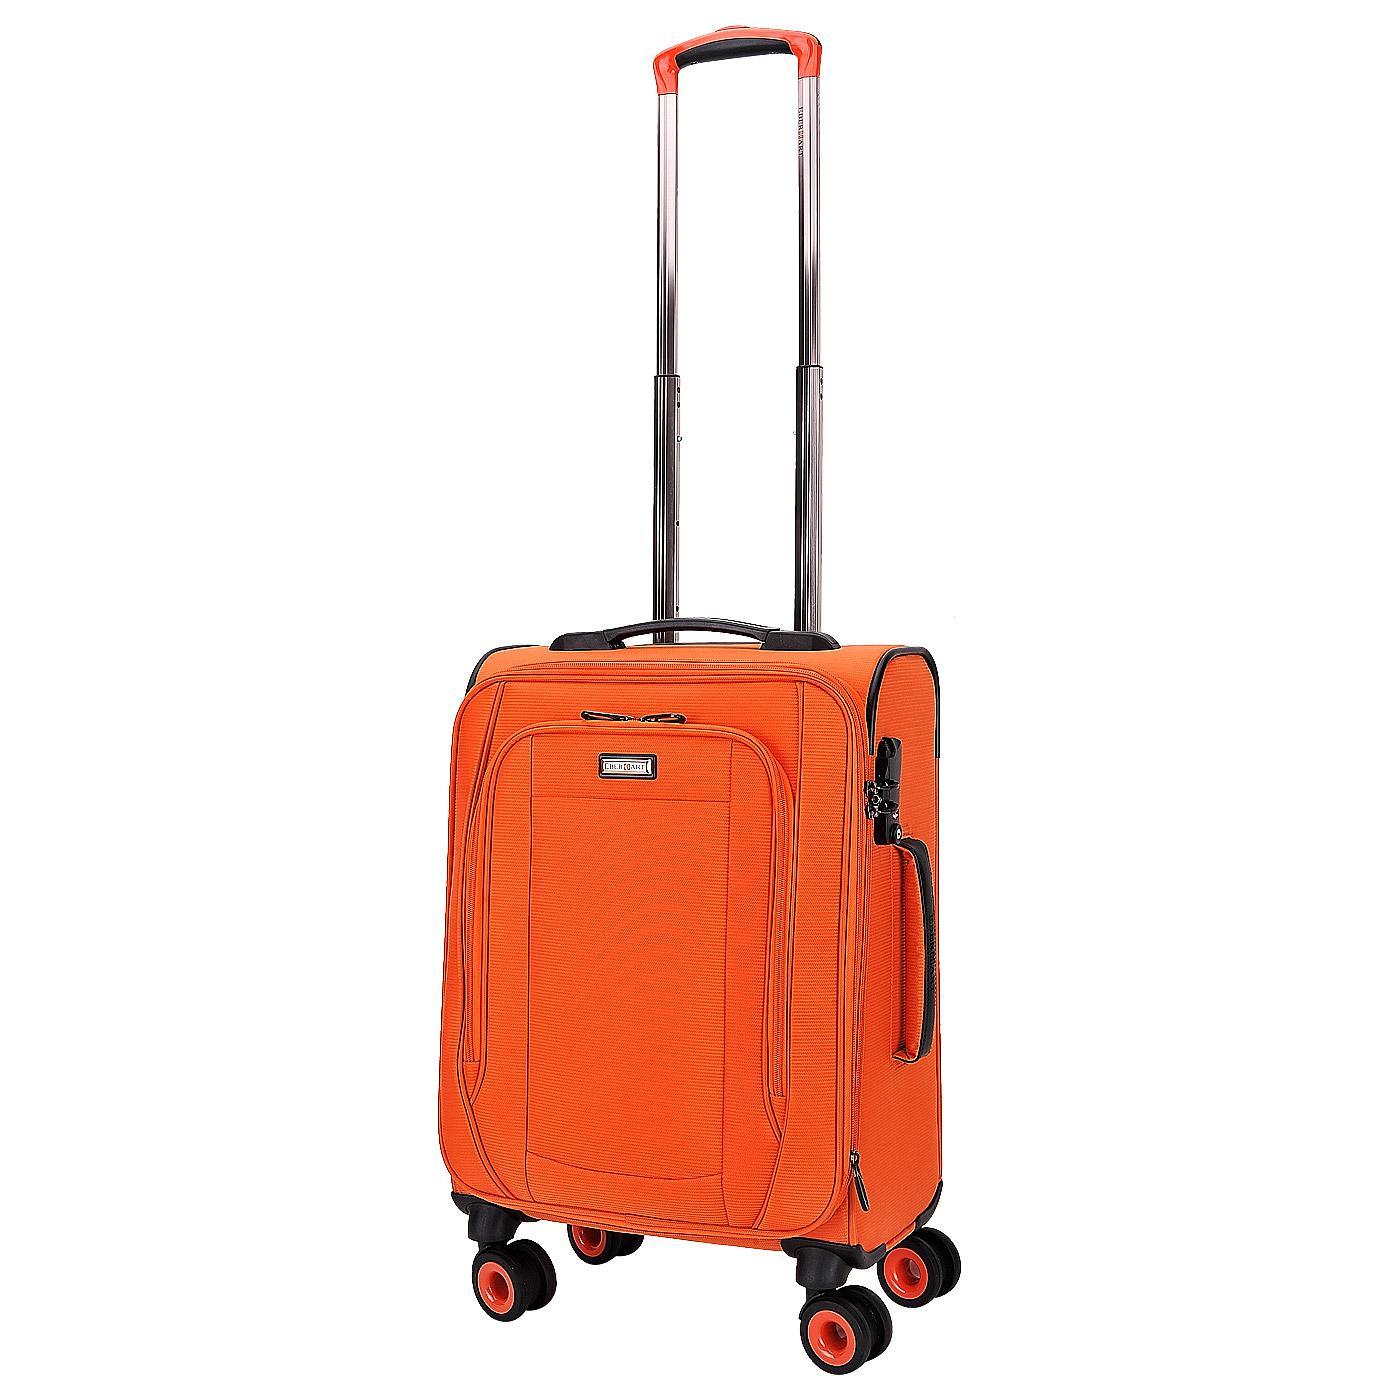 Купить чемодан на колесах в ижевске детские рюкзак тачки в с-пб